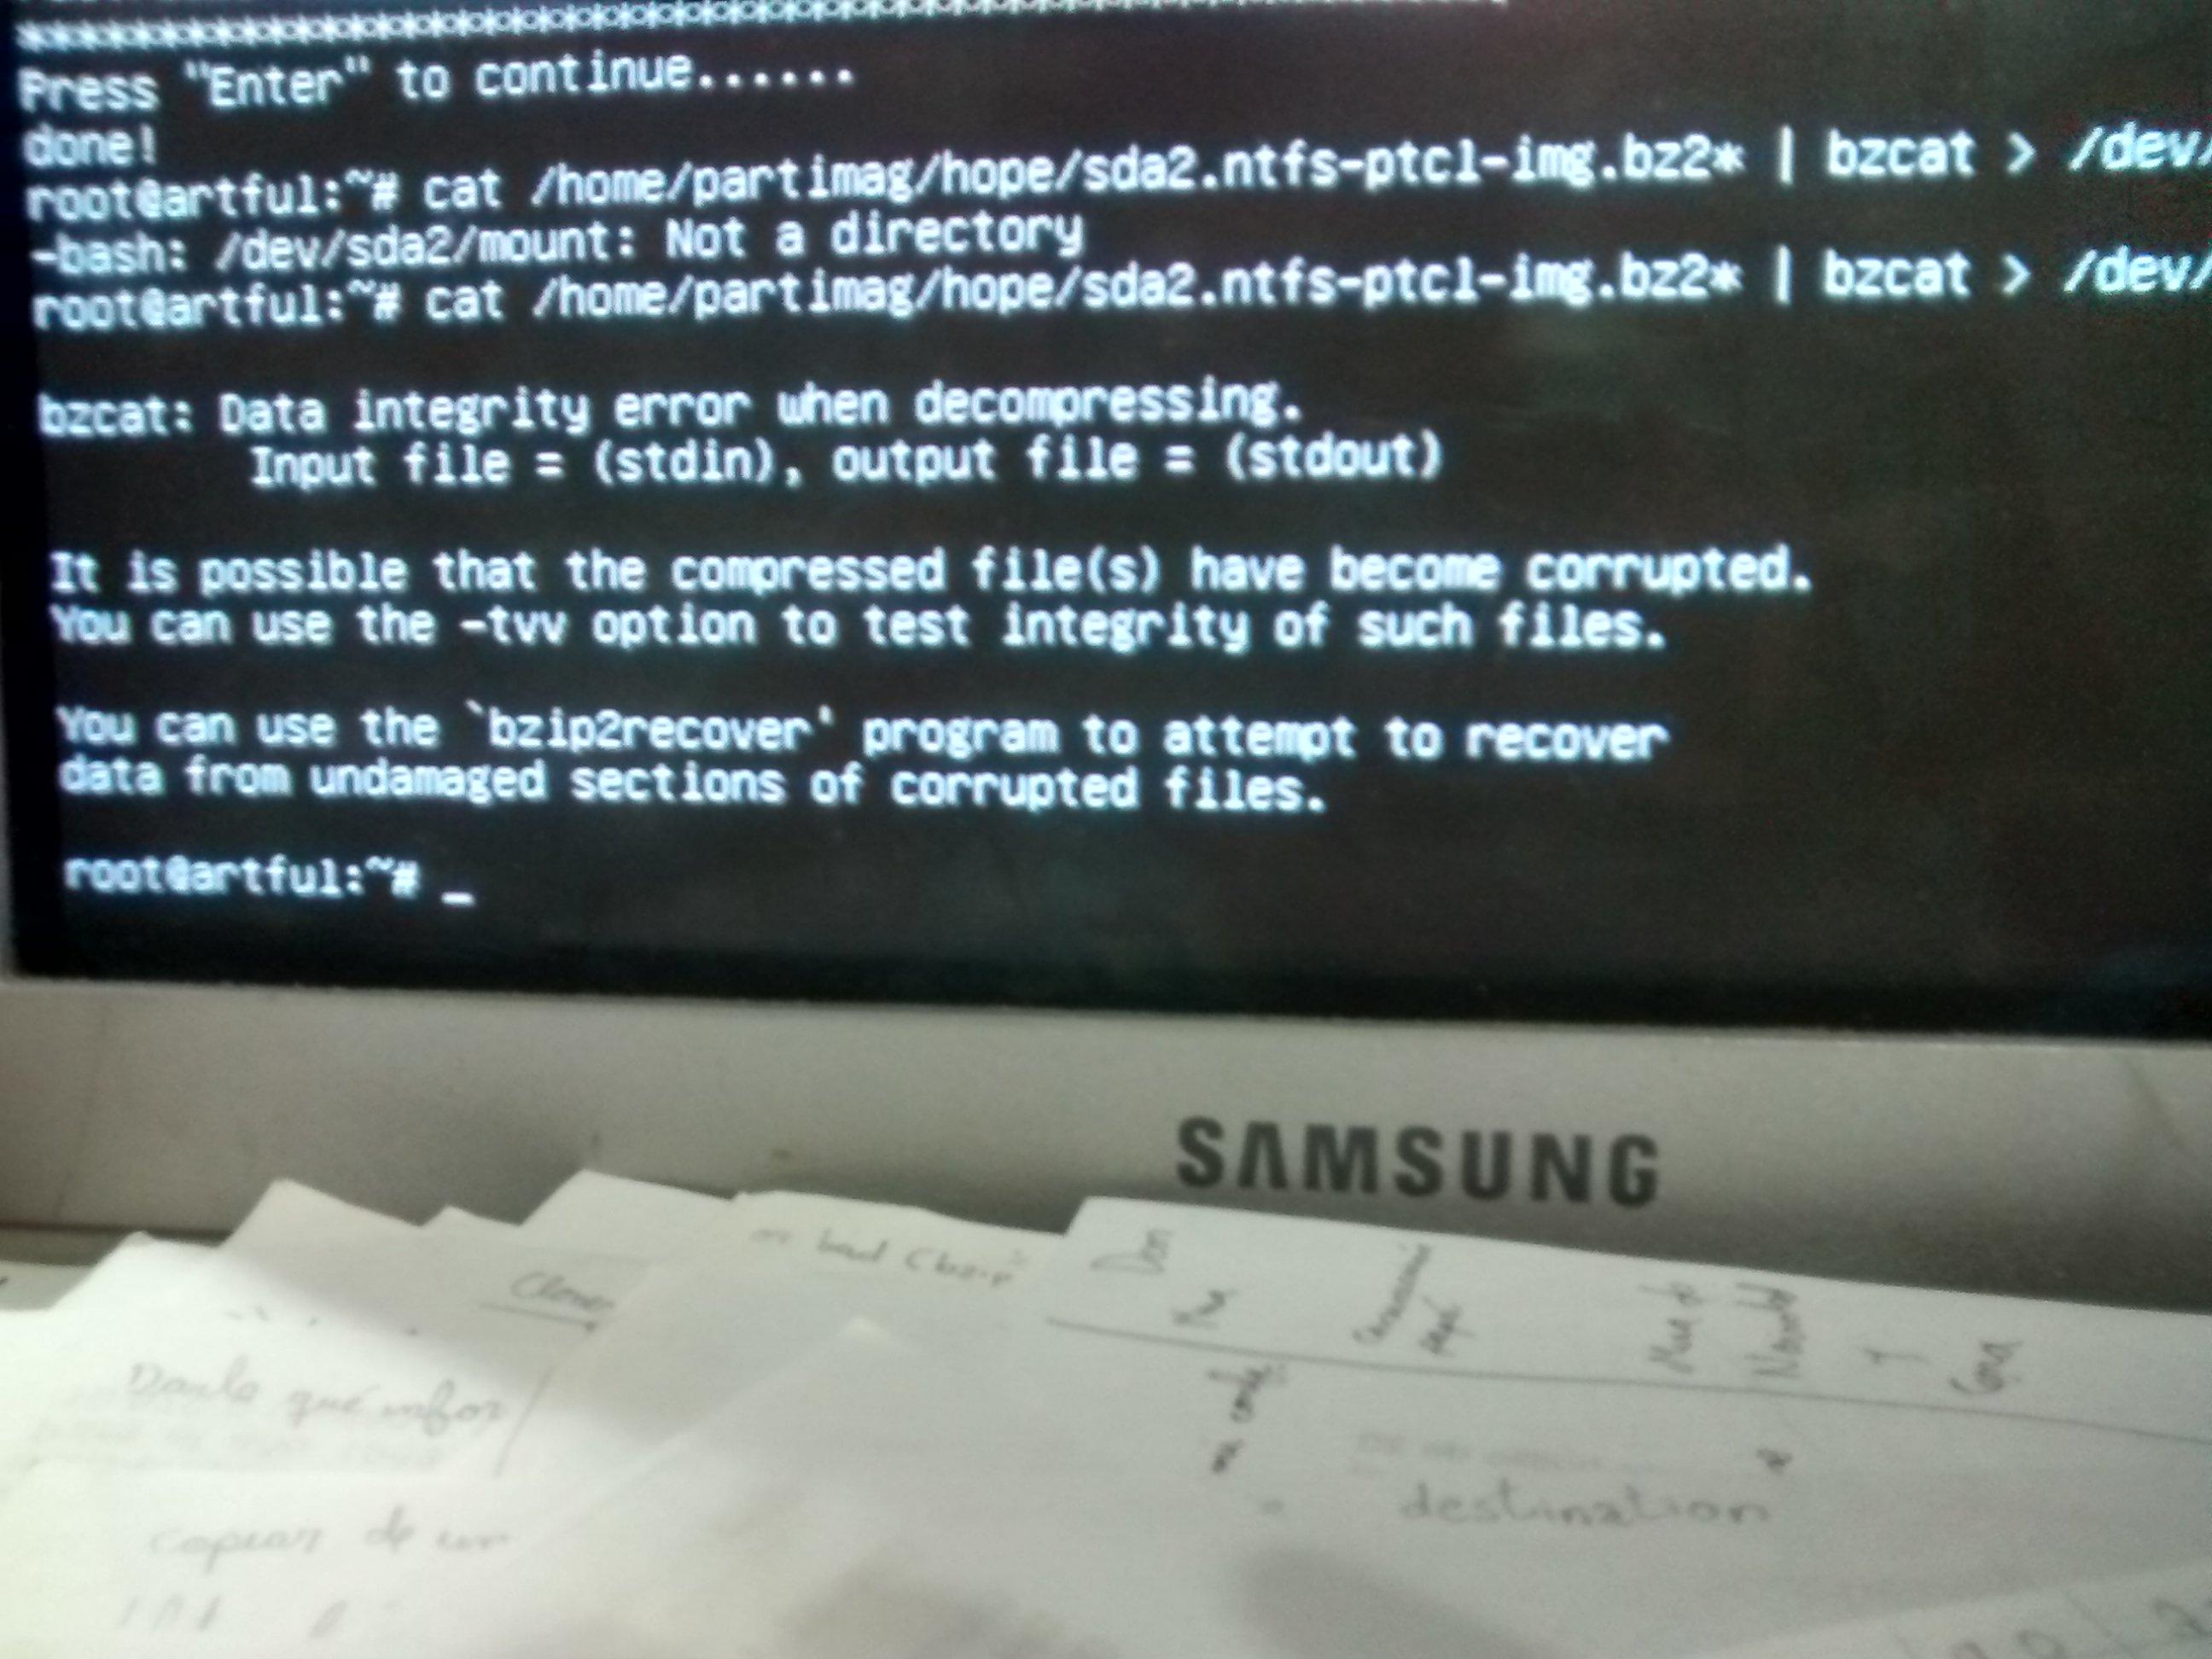 Clonezilla / Discussion / Clonezilla live: Fail to restore a